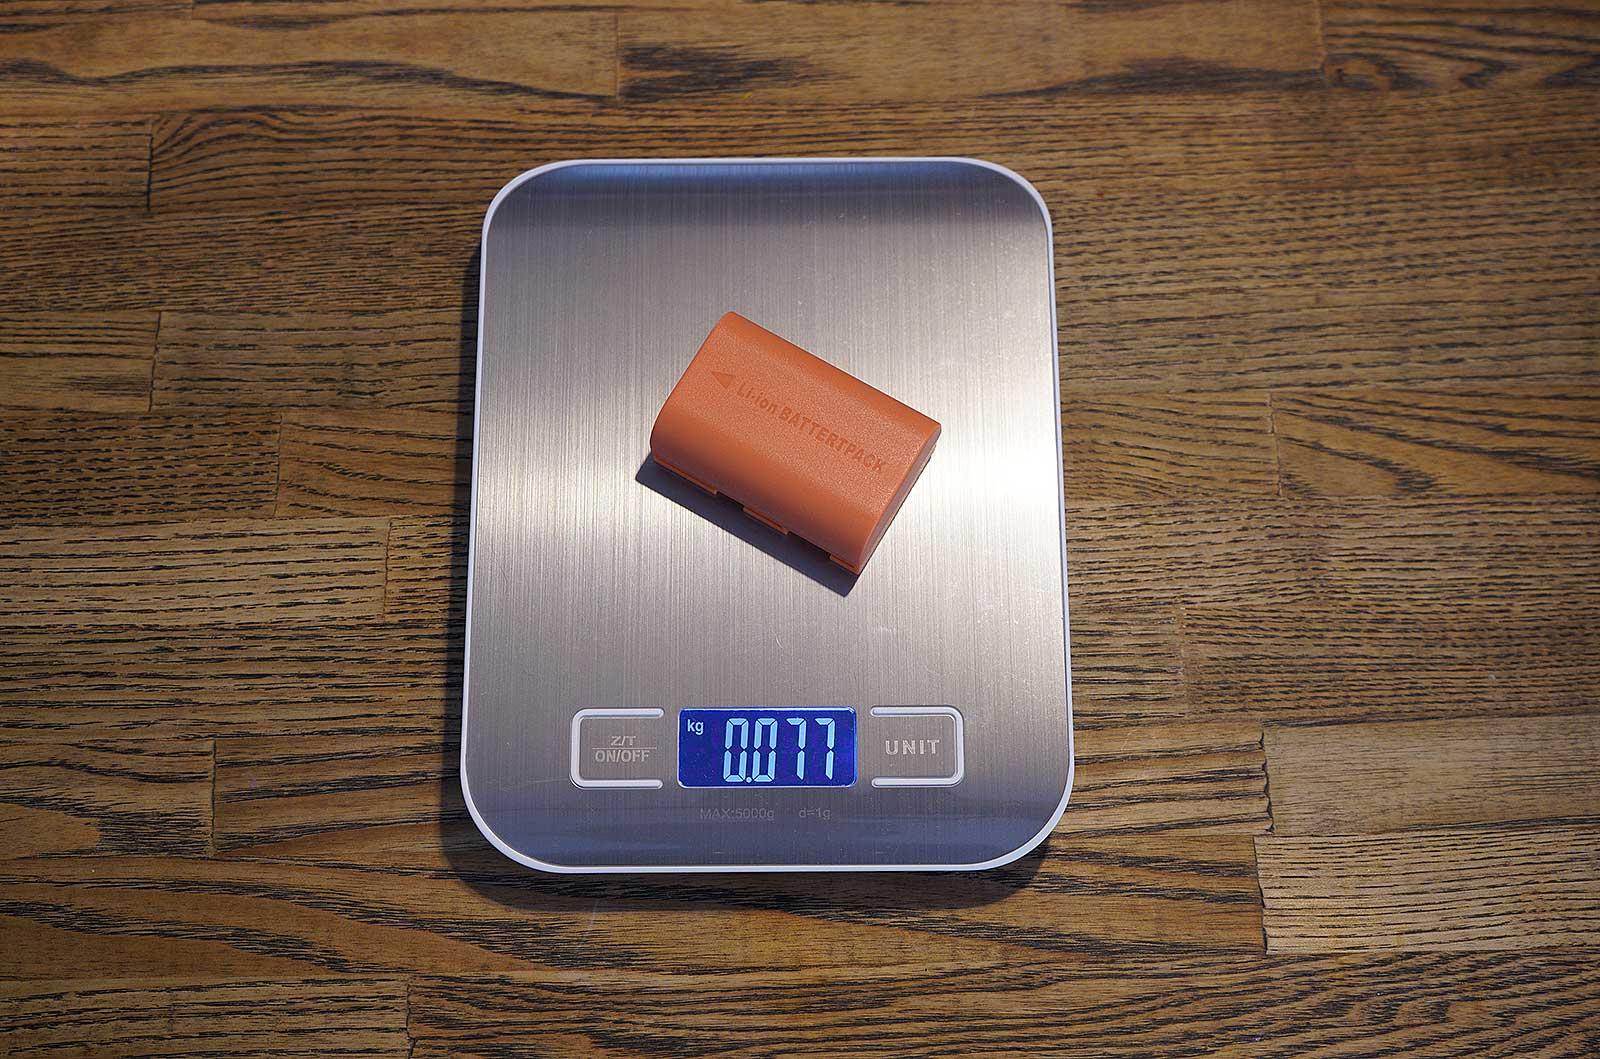 CANON互換バッテリー VEMICO LP-E6/LP-E6N